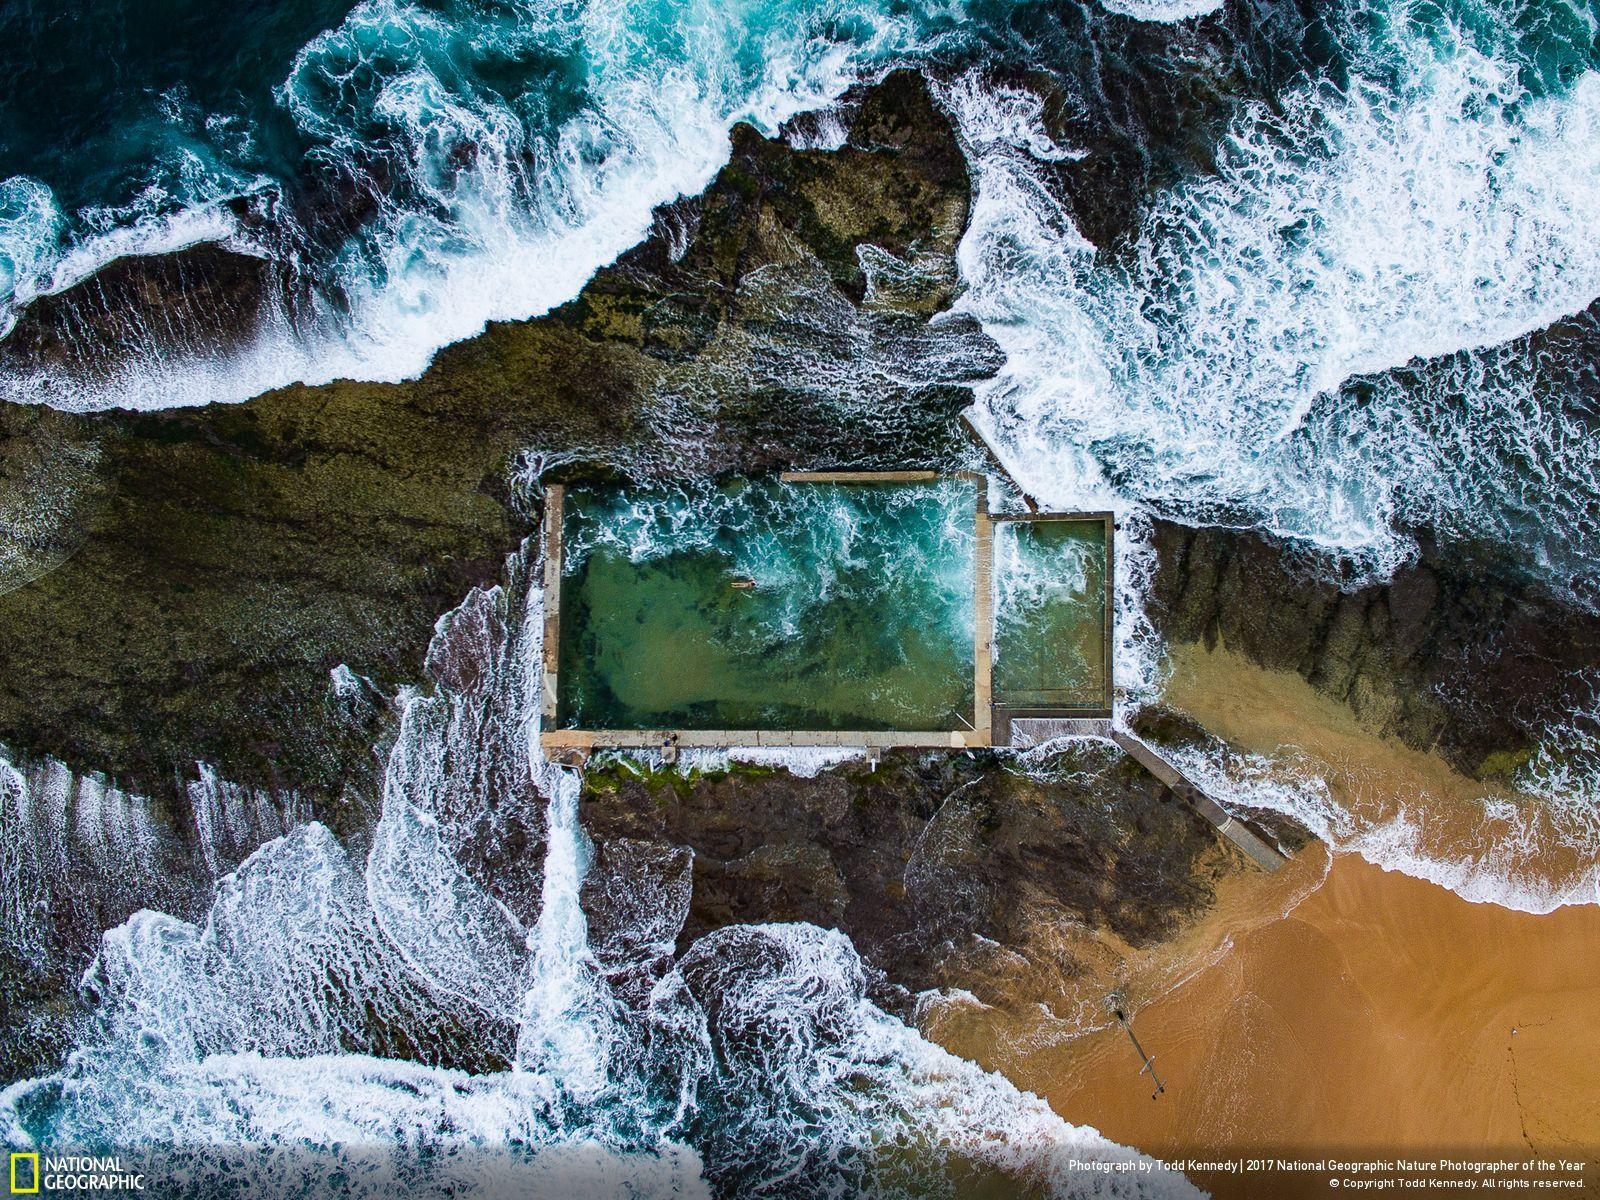 national geographic najlepsze zdjęcia roku 2017